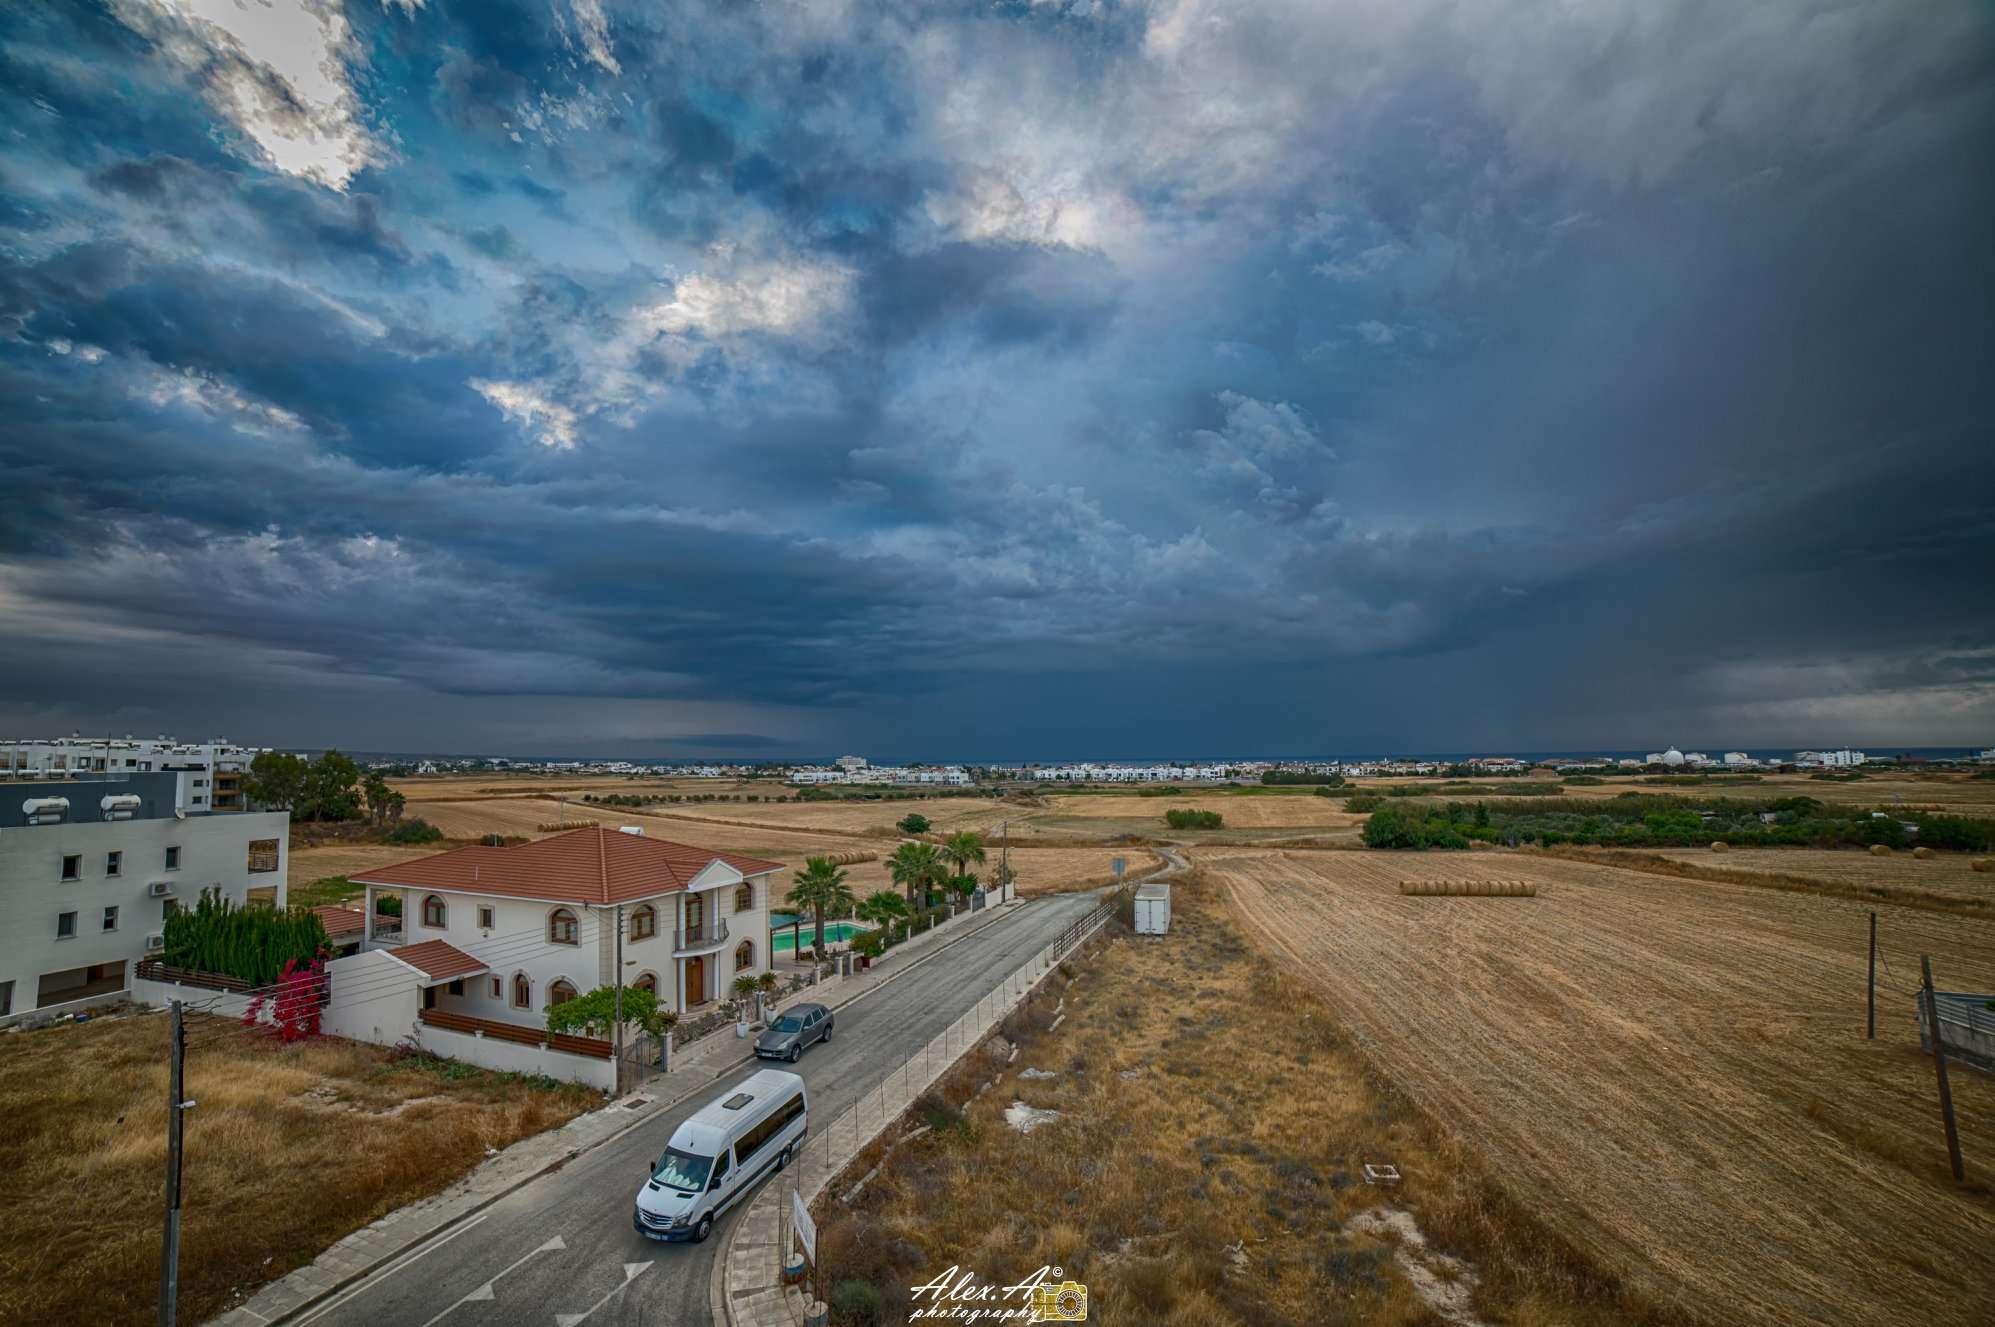 Έρχεται αισθητή πτώση της θερμοκρασίας-Πιθανόν μεμονωμένες βροχές